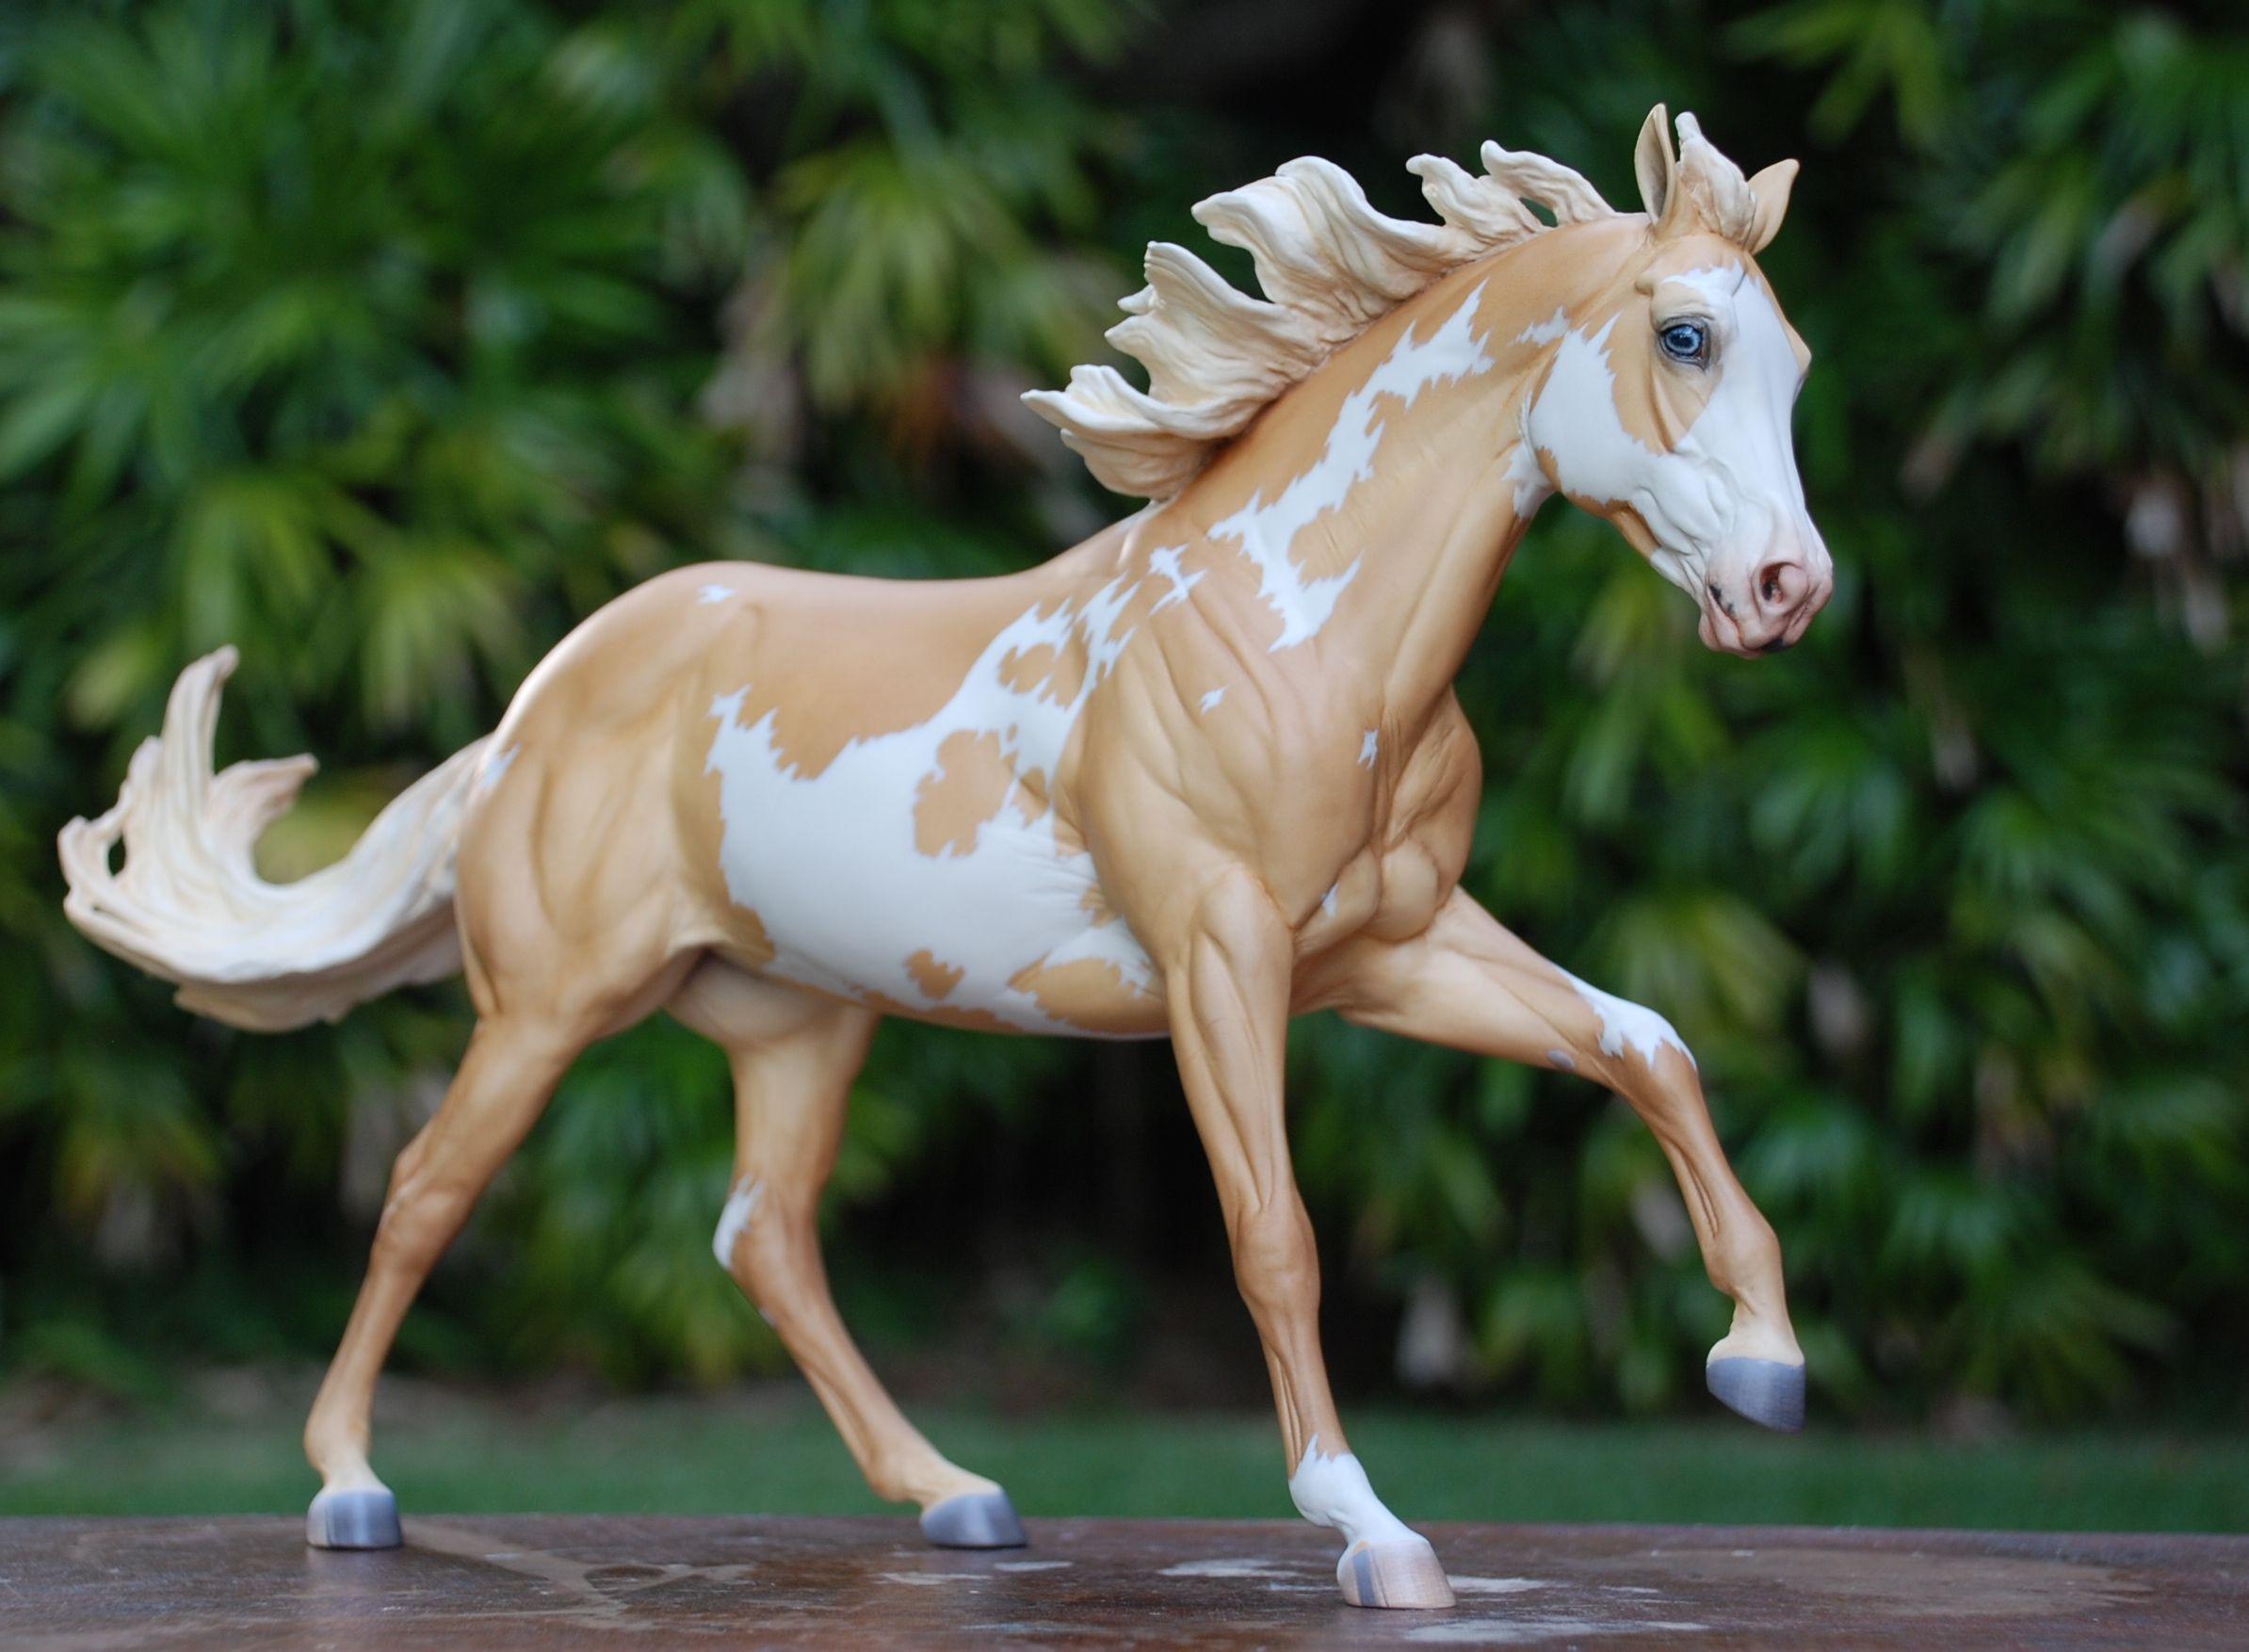 картинки лошадей брейер на природе проще всего